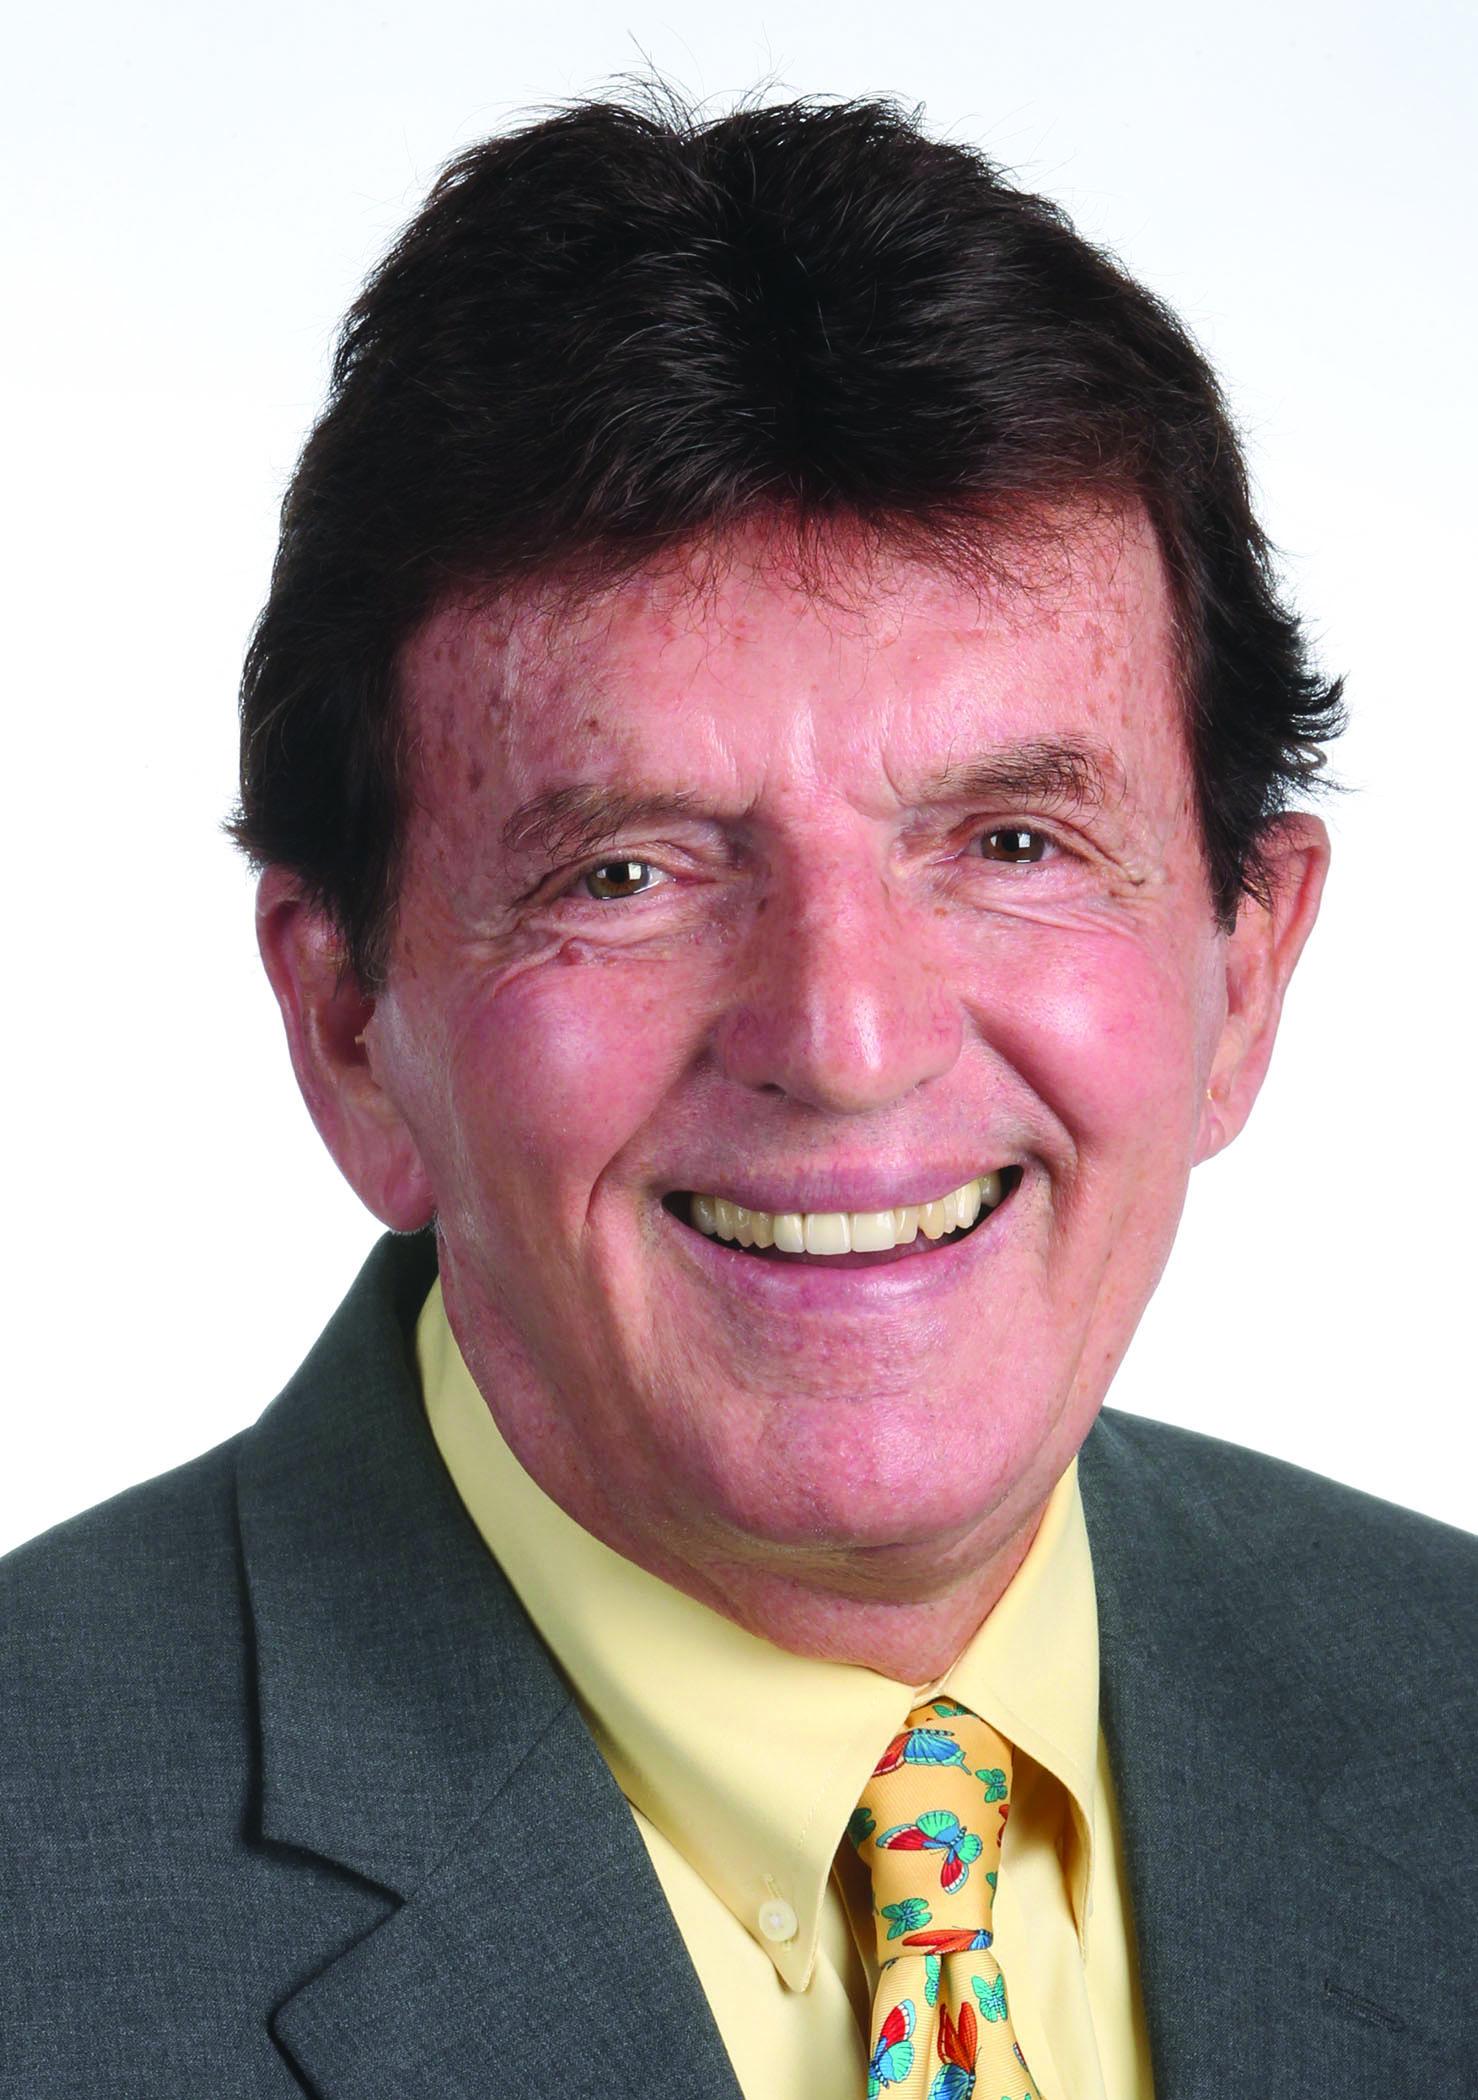 Del Mar Board of Regents, Dist 4 – Guy Watts